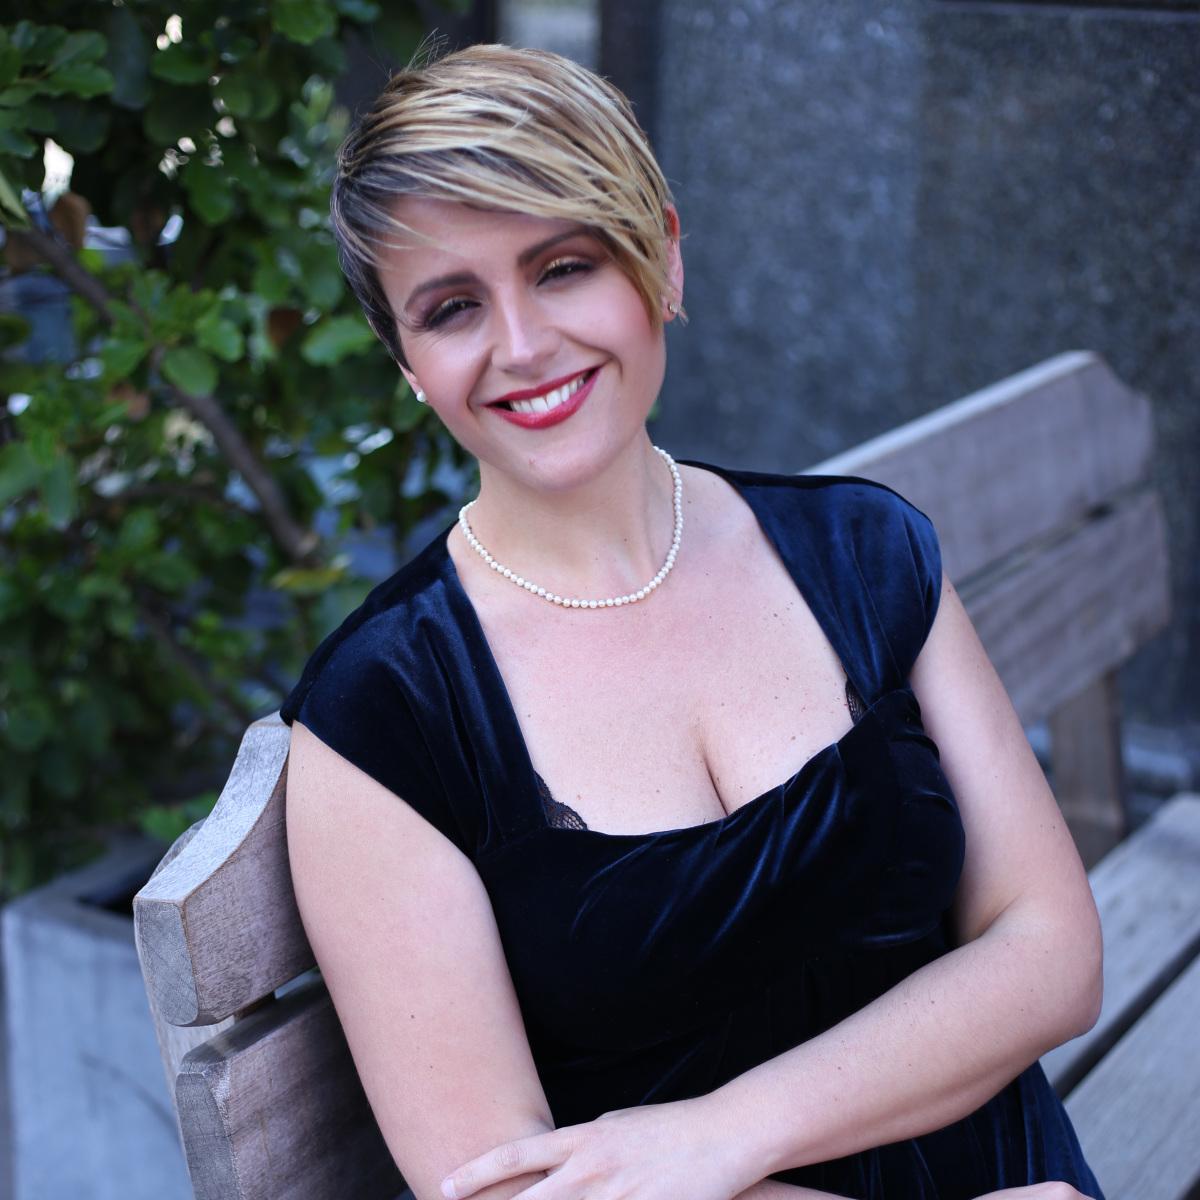 Vicky Yannoula